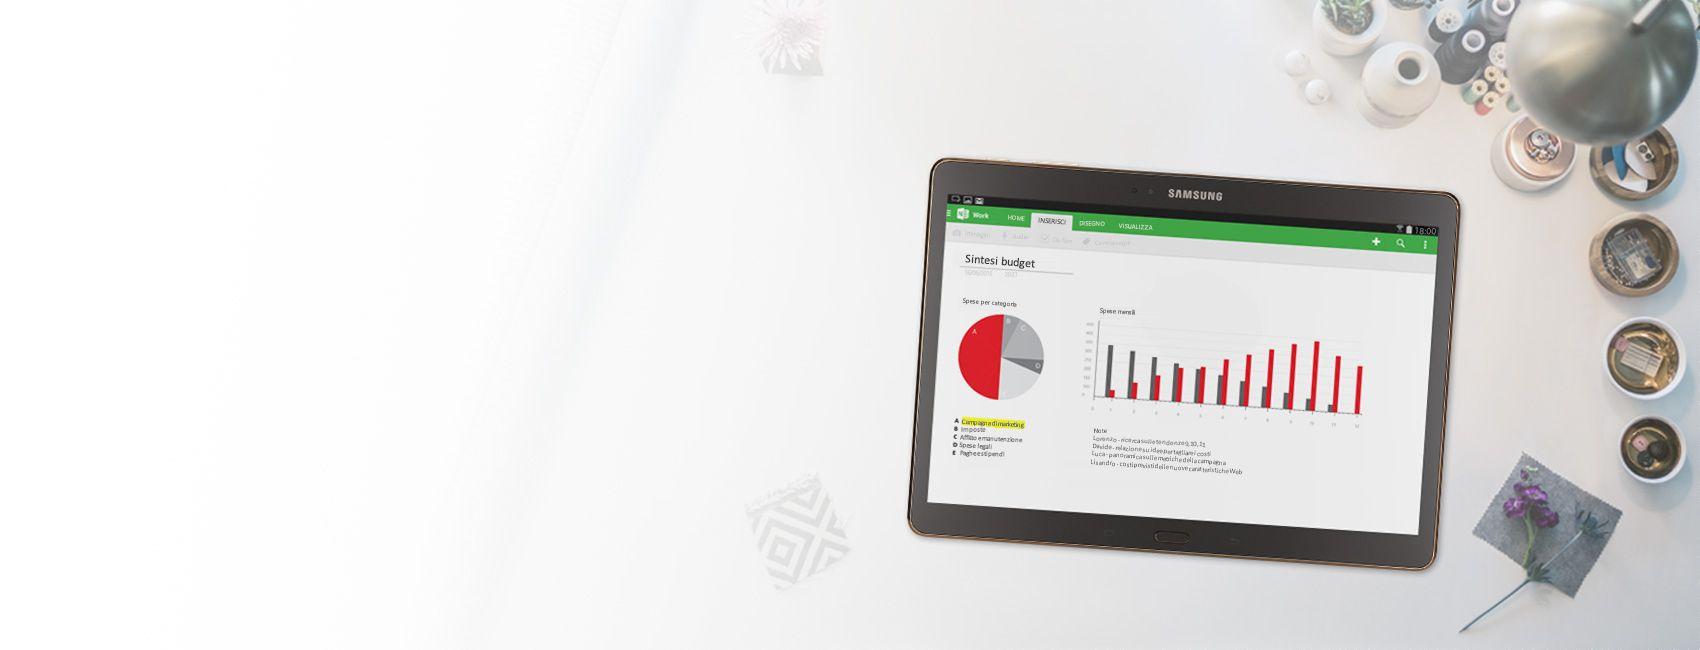 Tablet che visualizza un blocco appunti di OneNote con grafici e diagrammi riepilogativi del budget